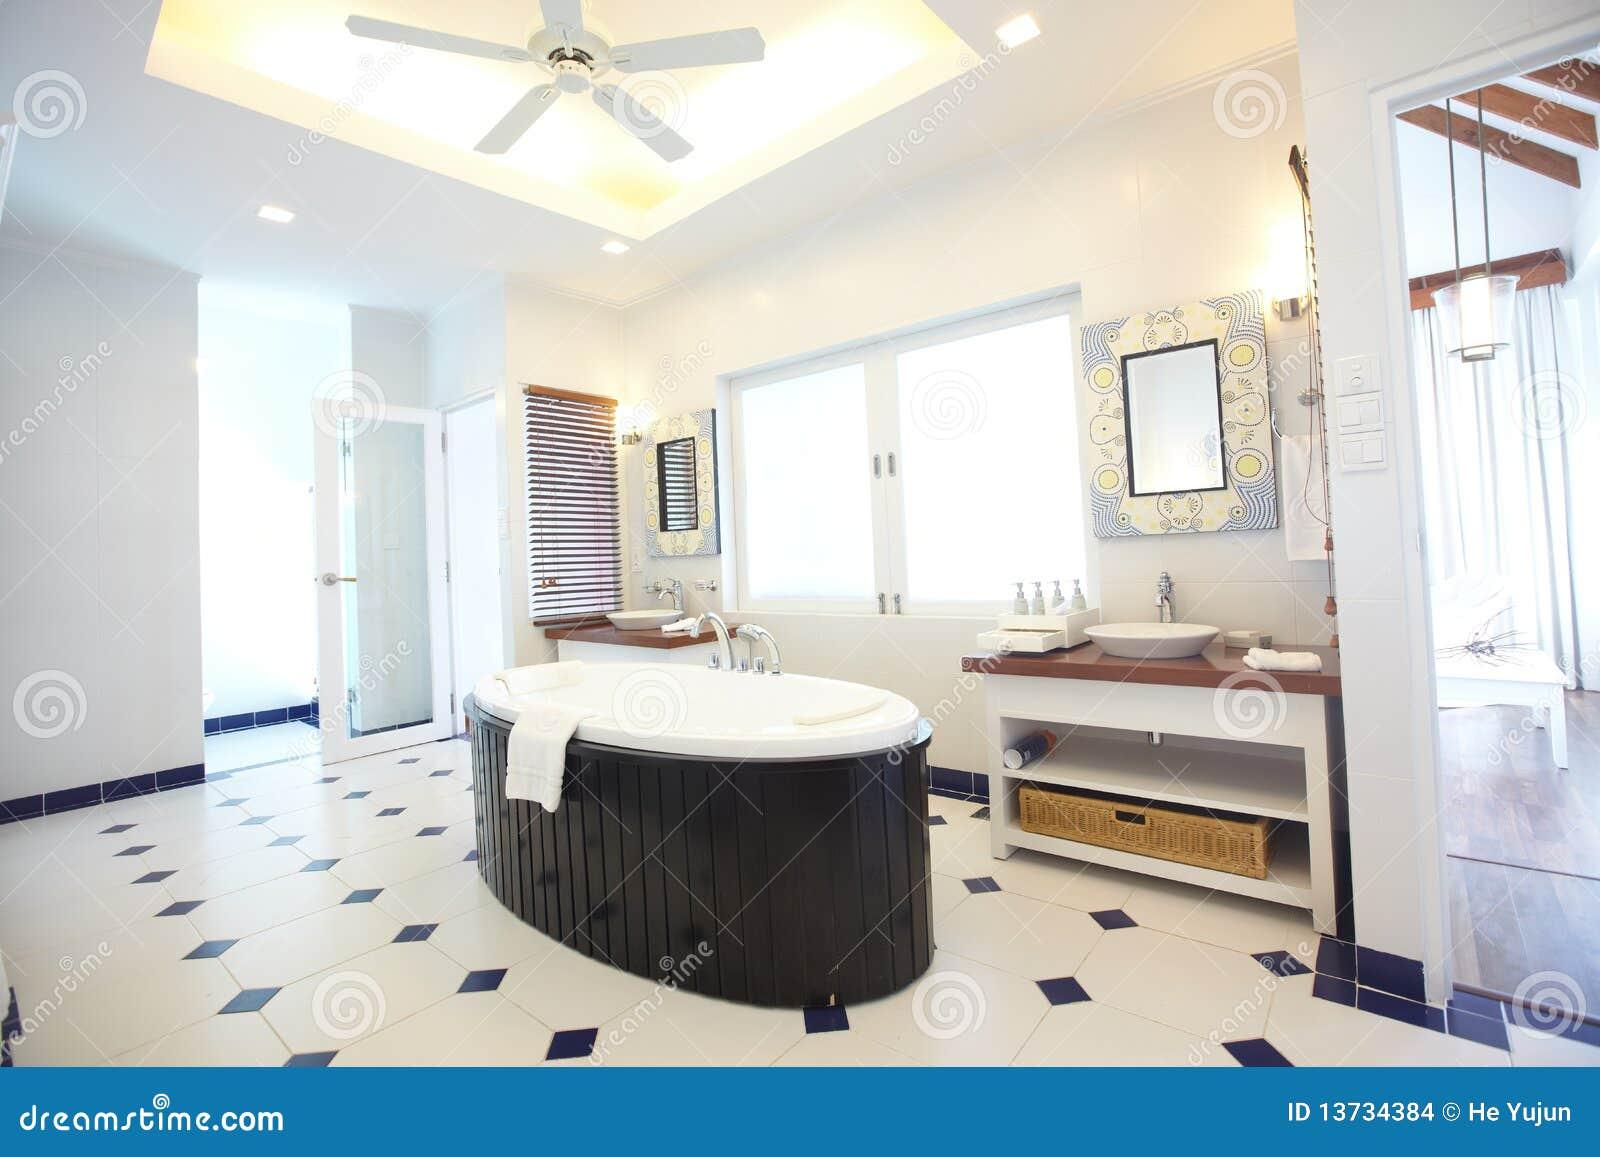 Banheiro Luxuoso Imagens de Stock Imagem: 13734384 #81A229 1300 957